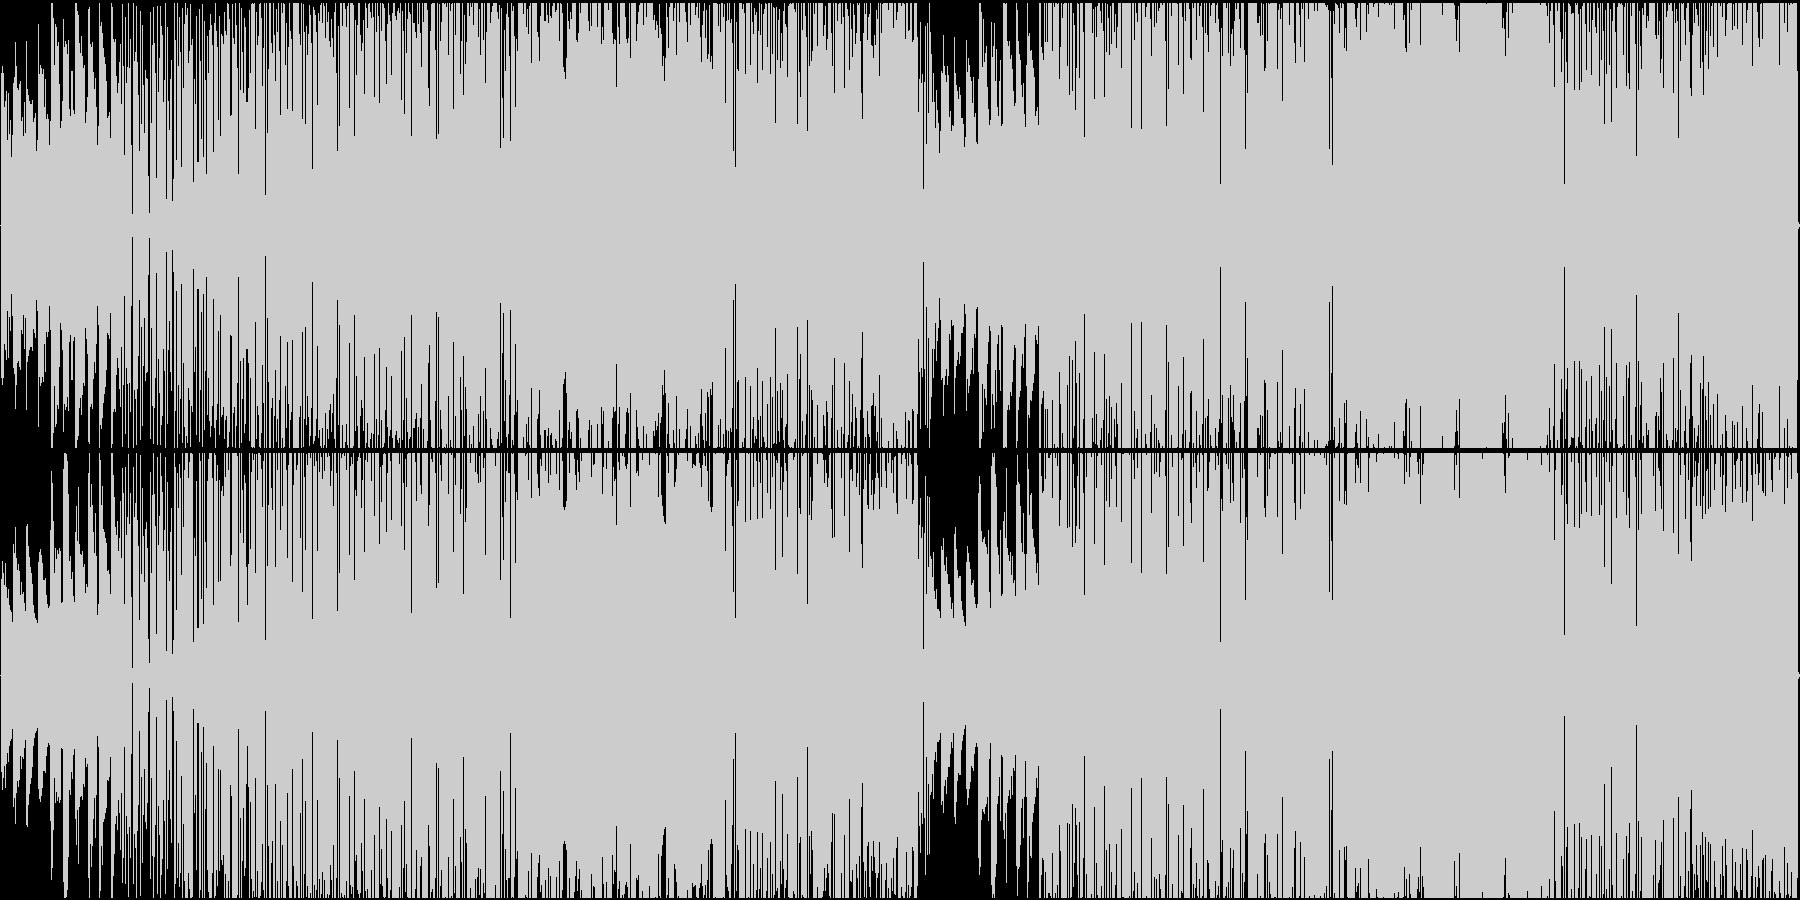 ジャズギターとオルガンのスムースジャズの未再生の波形